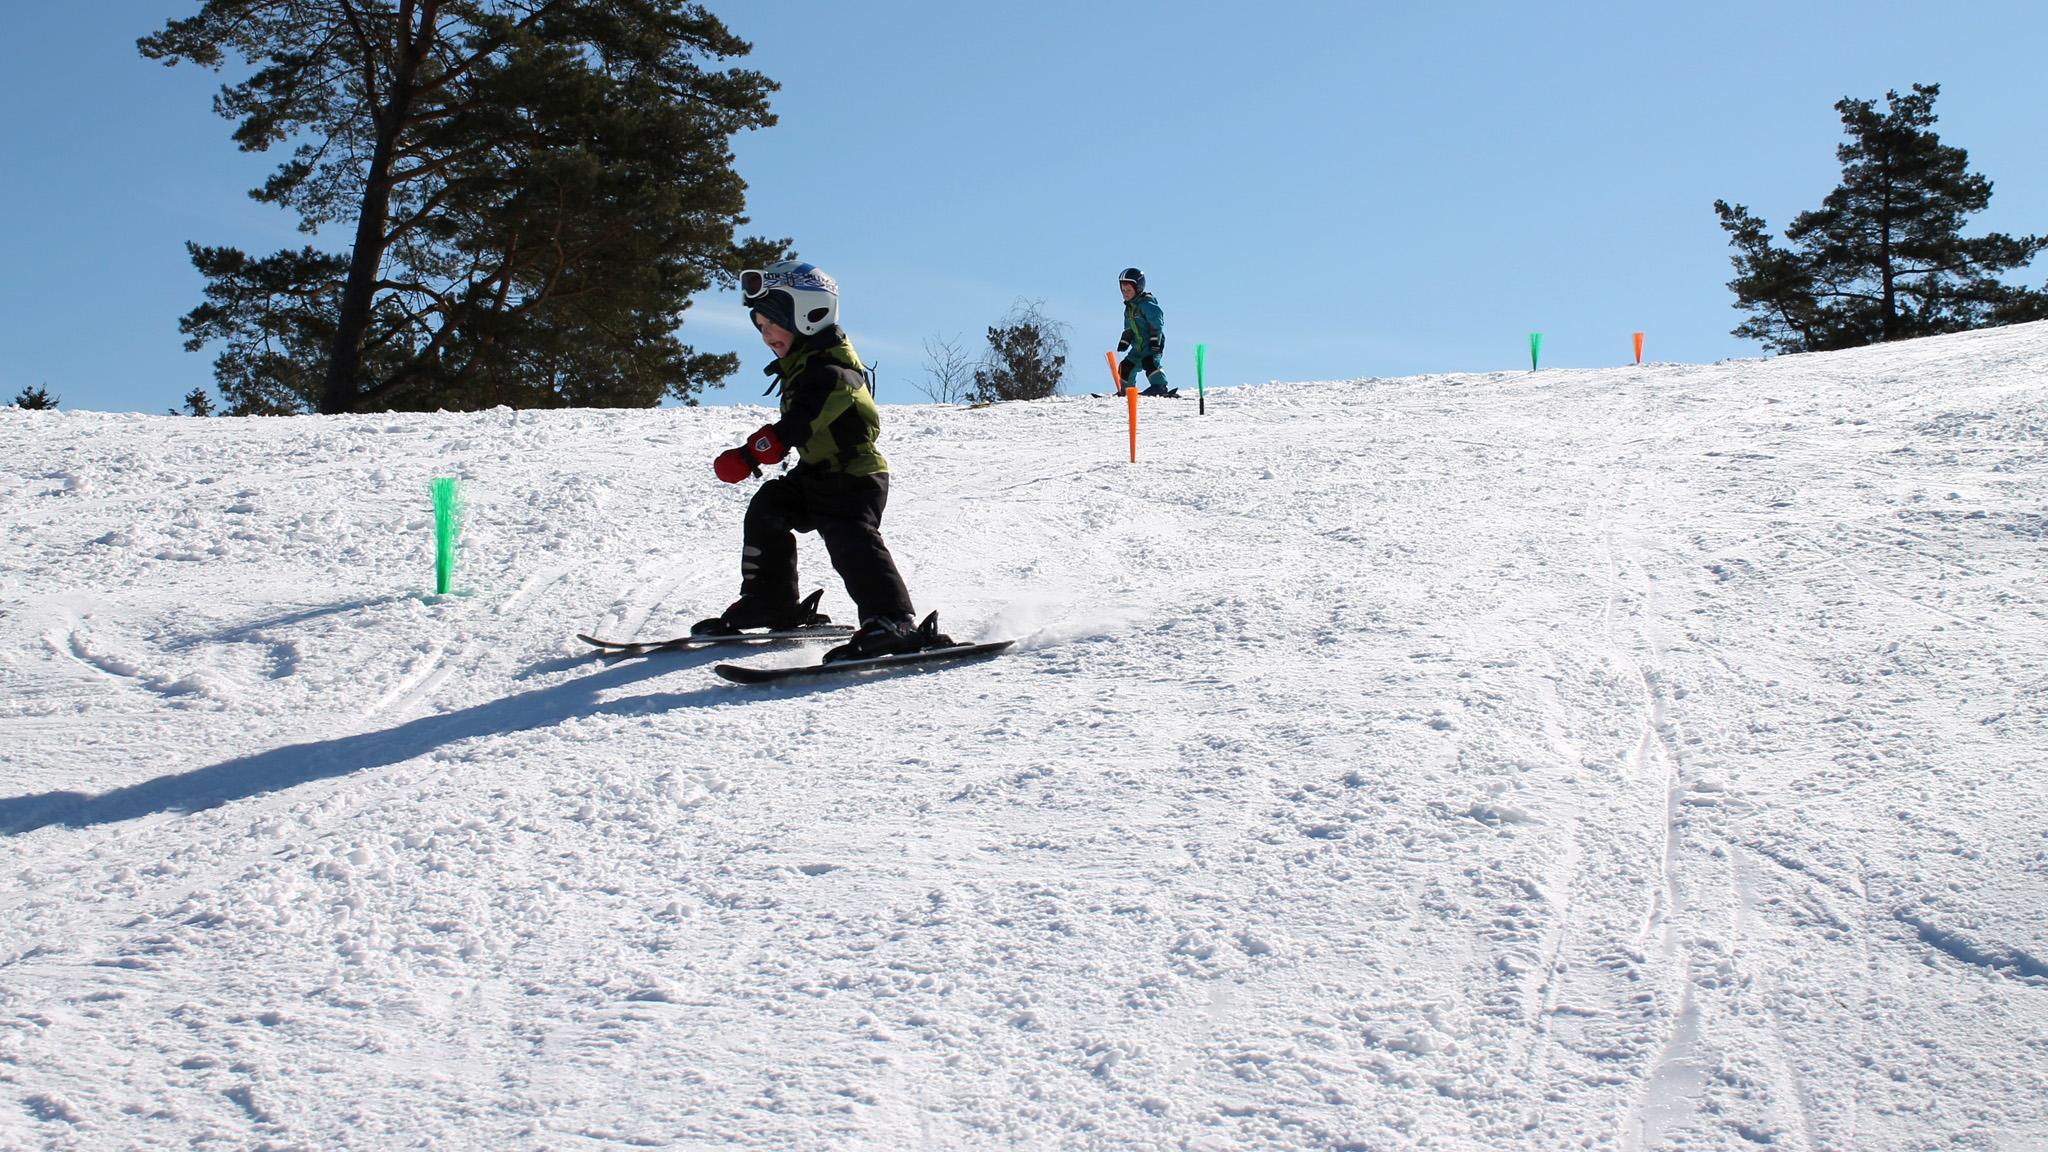 Hur många byar i Sydsverige har en alpin skidanläggning att roa sig i? Skidbacken Ornahög i Brösarp har genomgått både renovering och utveckling.